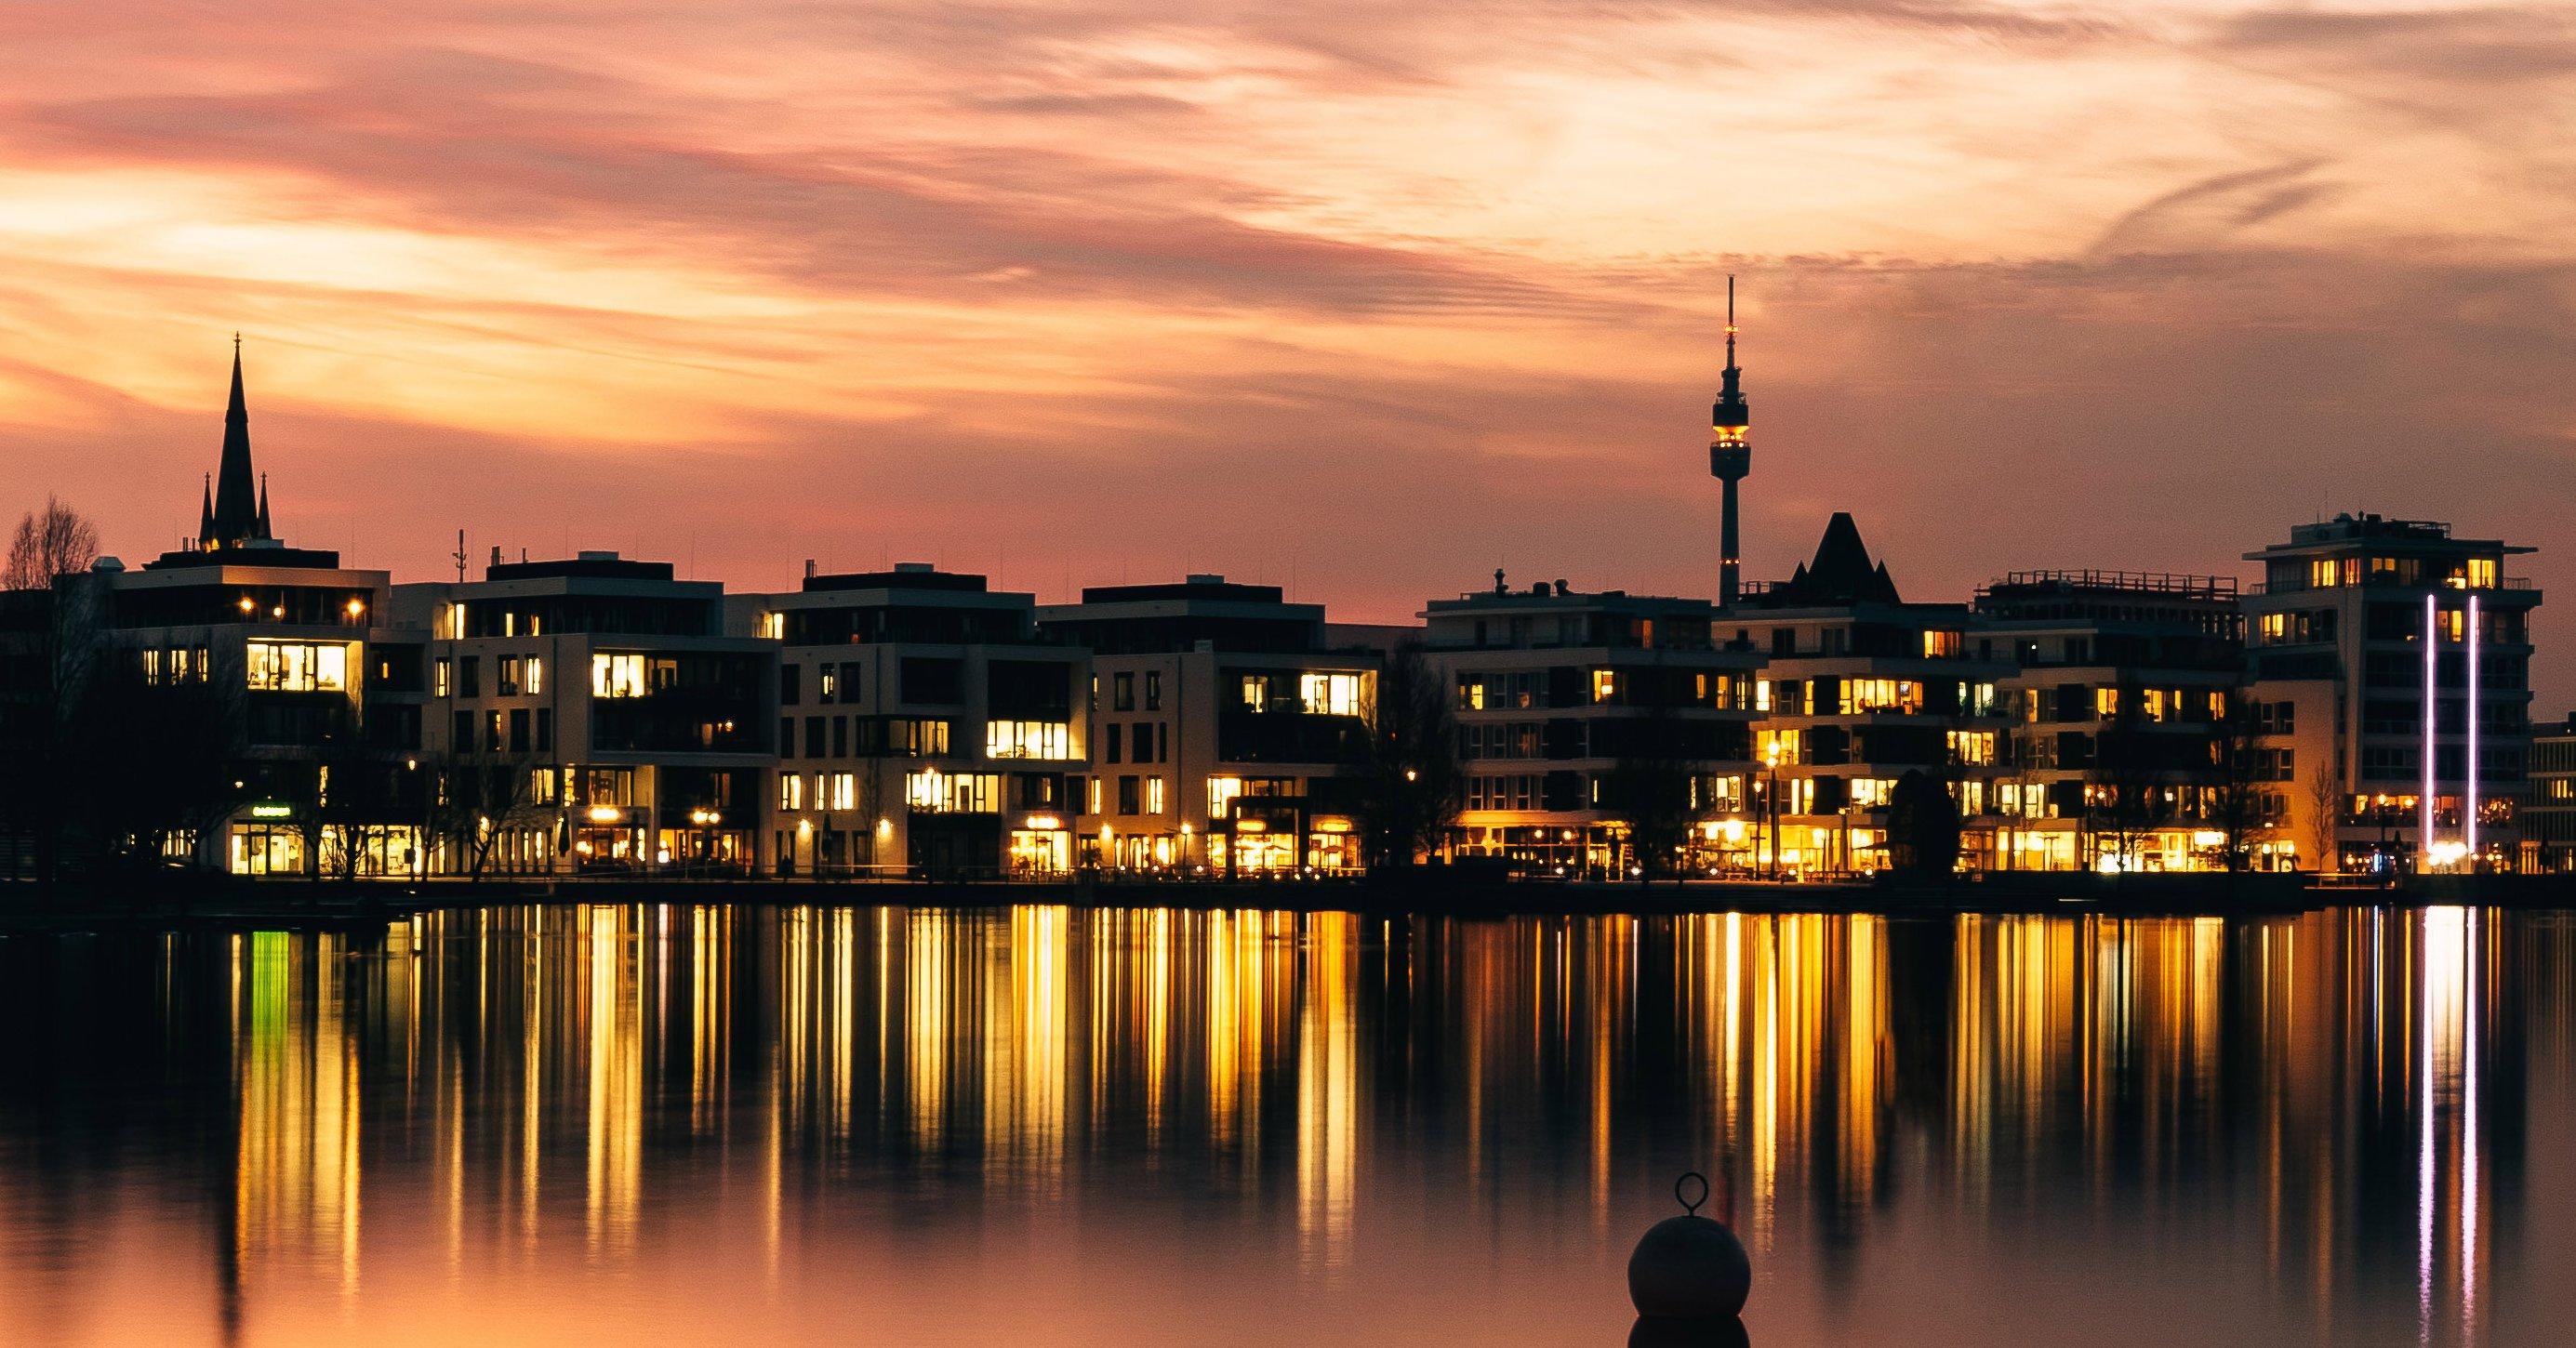 Palmgarden Dortmund